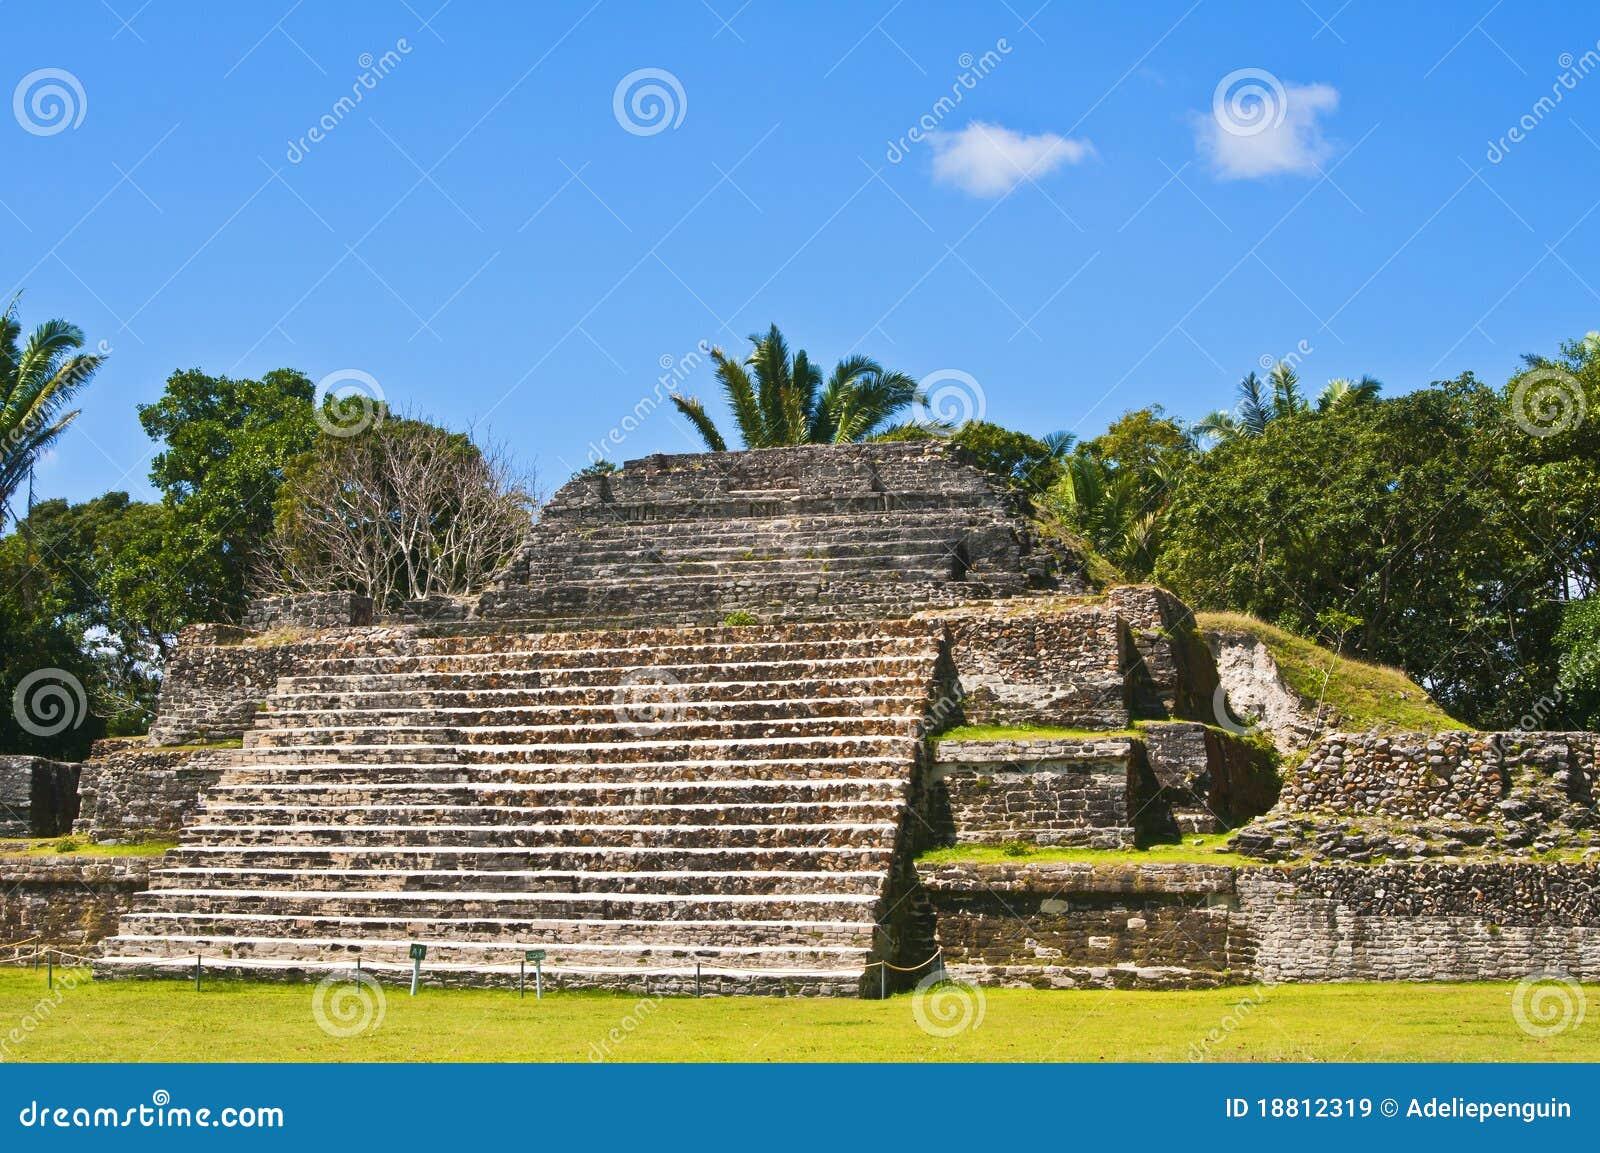 Temple de Maya, Belize